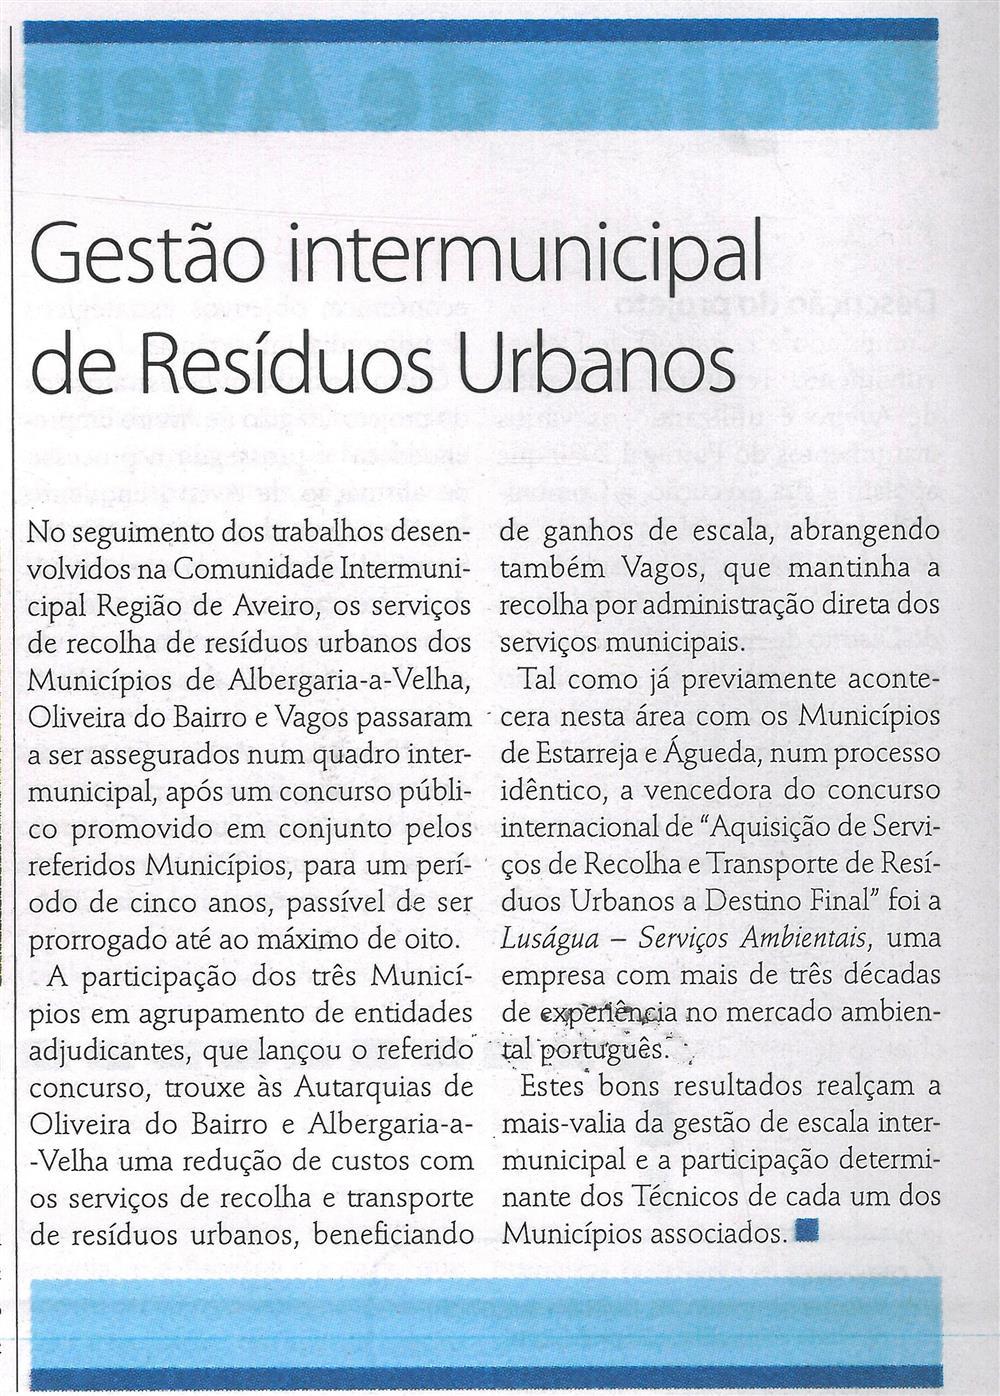 RA-Comunidade_Intermunicipal-out.'16-p.8-Gestão Intermunicipal de Resíduos Urbanos.jpg